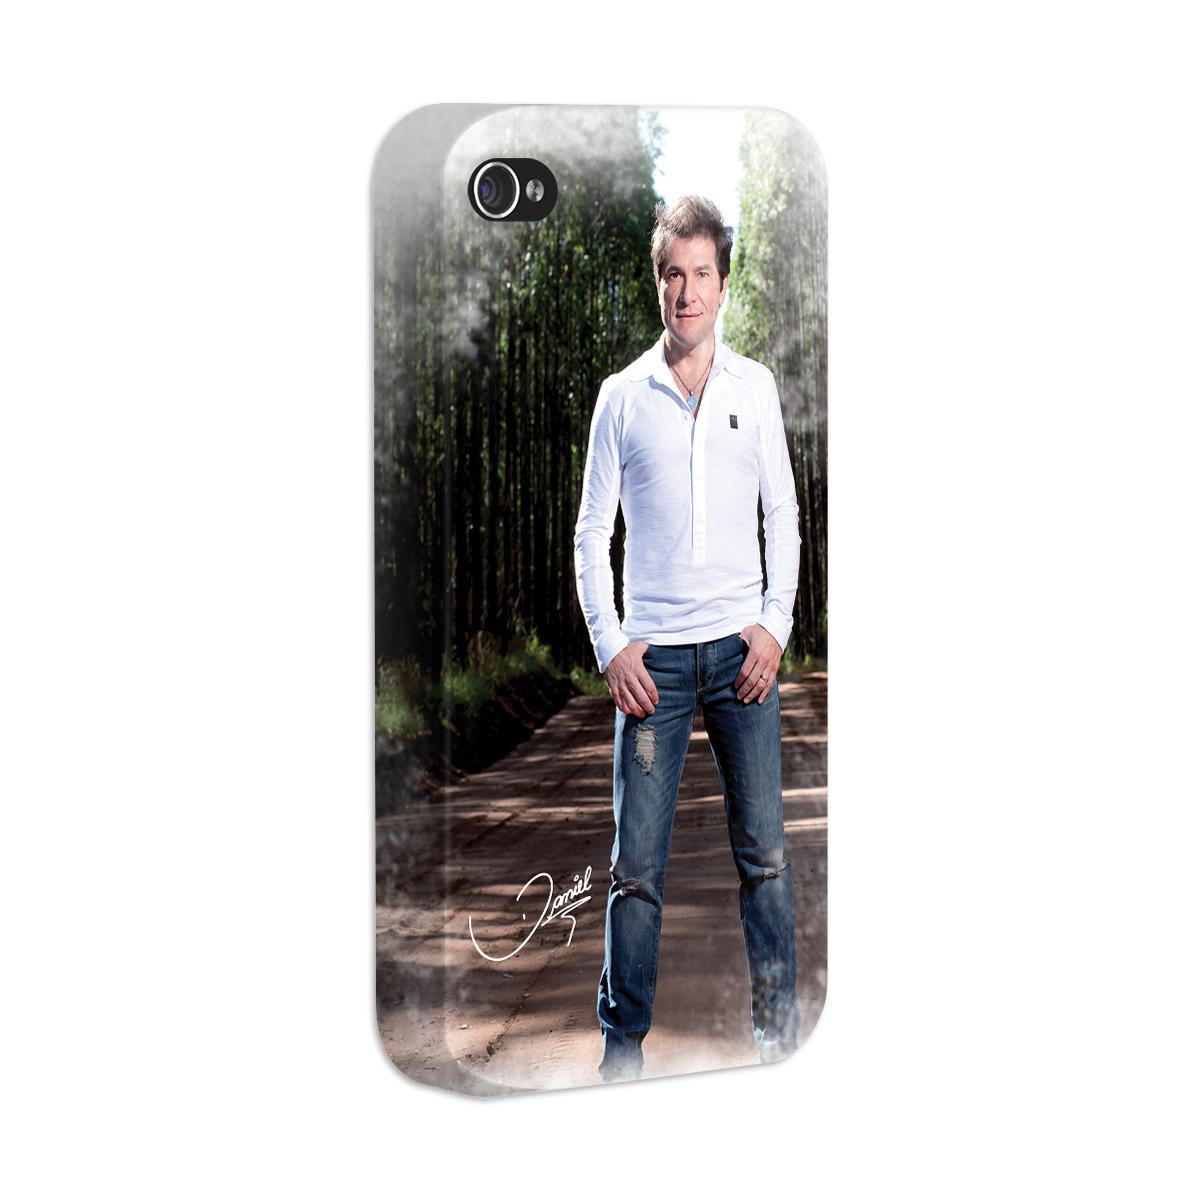 Capa de iPhone 4/4S Daniel Leva Meu Coracao